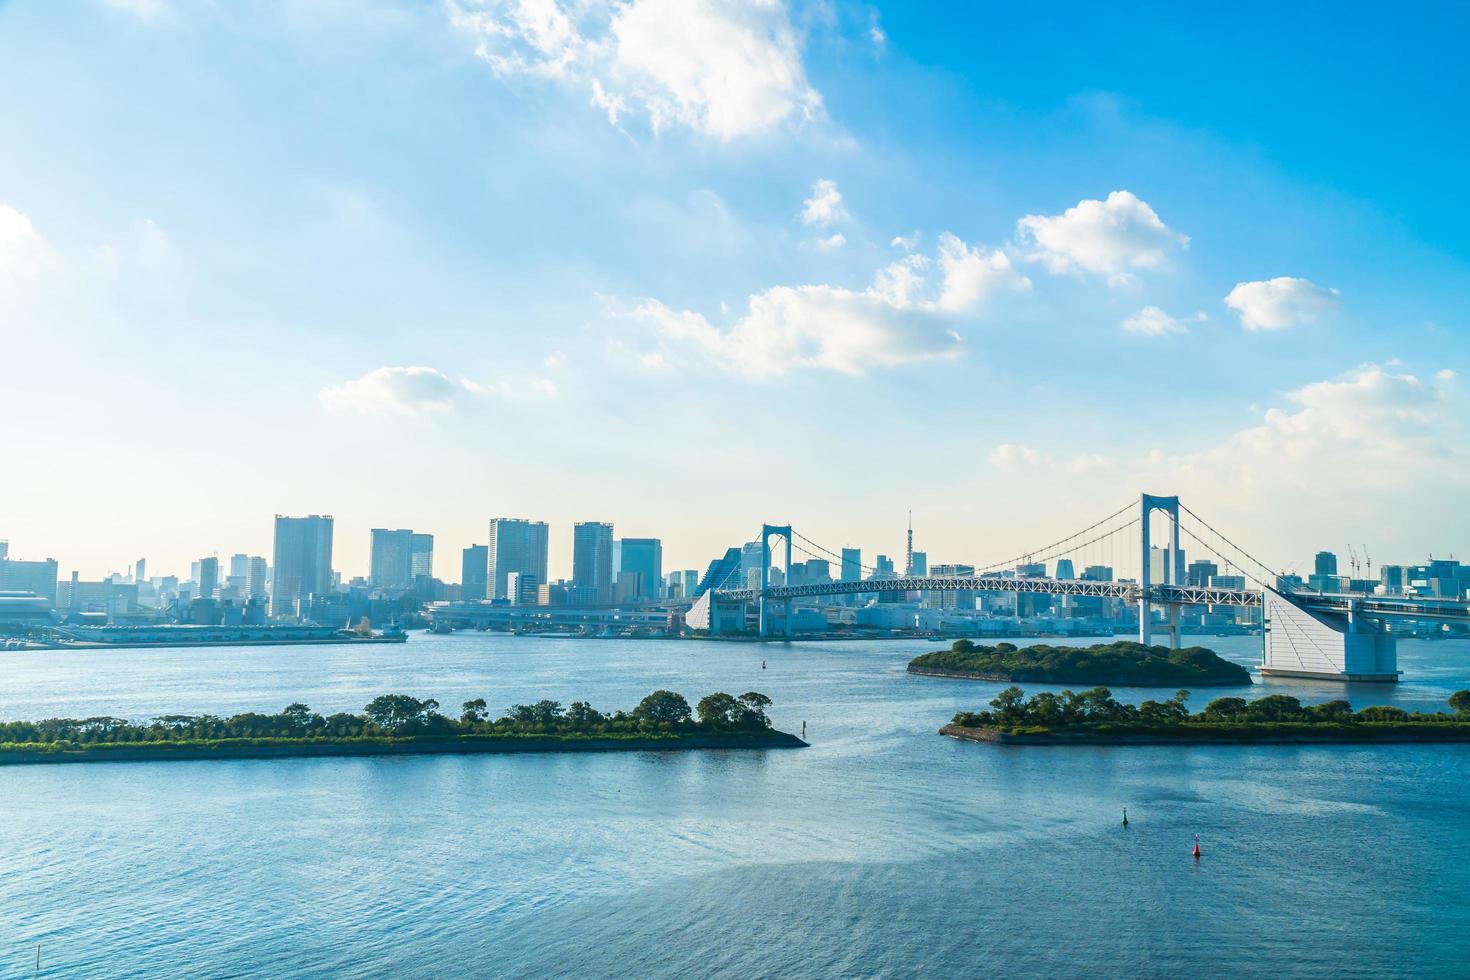 stadsbilden i tokyo stad med regnbågsbro foto